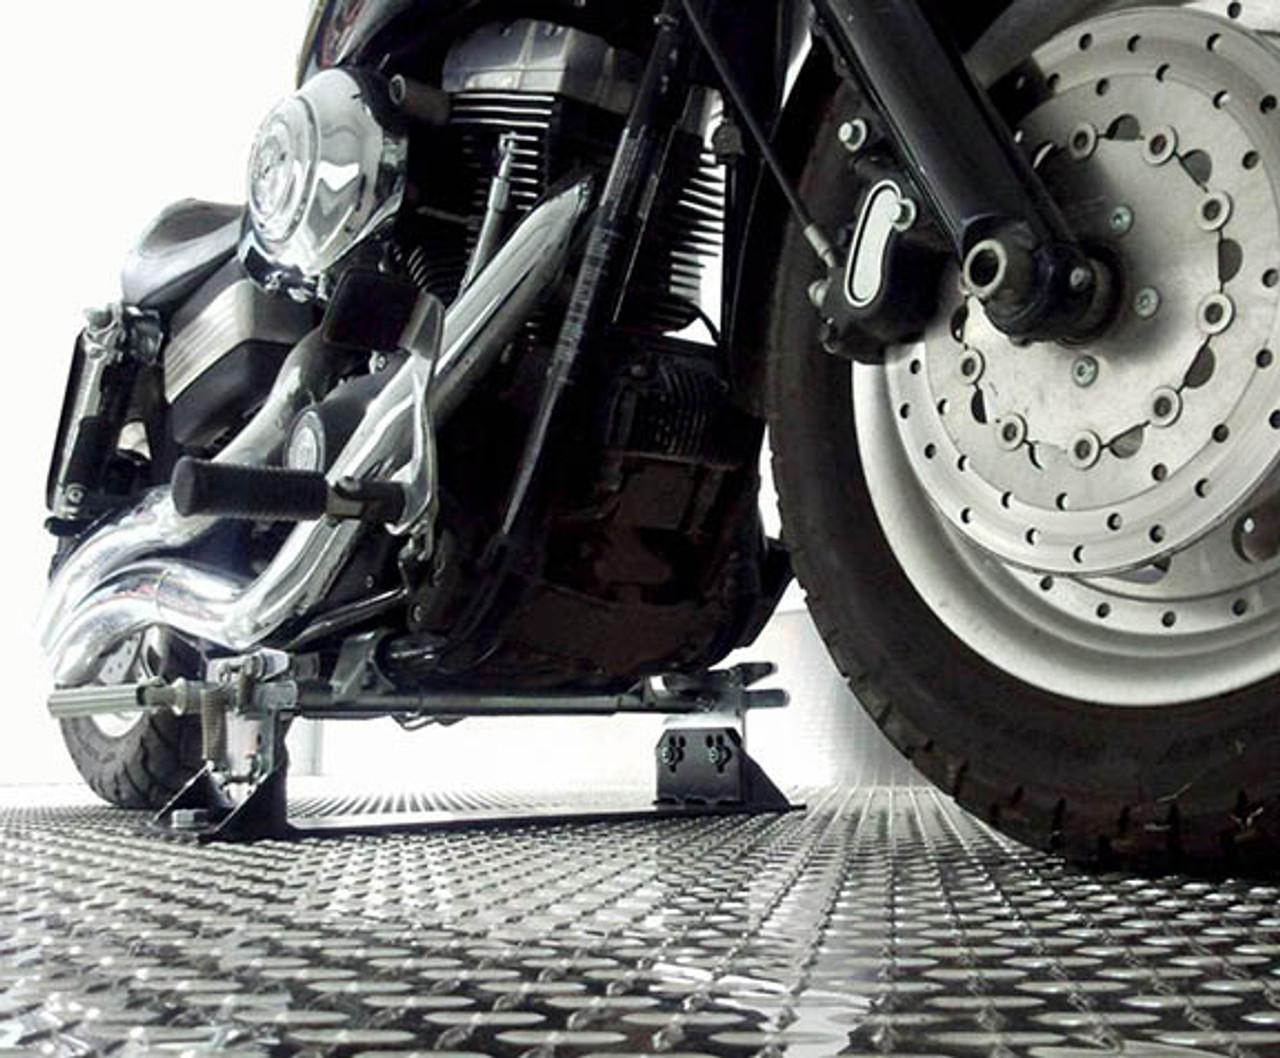 MC2301 --- Biker Bar for Harley Davidson Touring Bikes